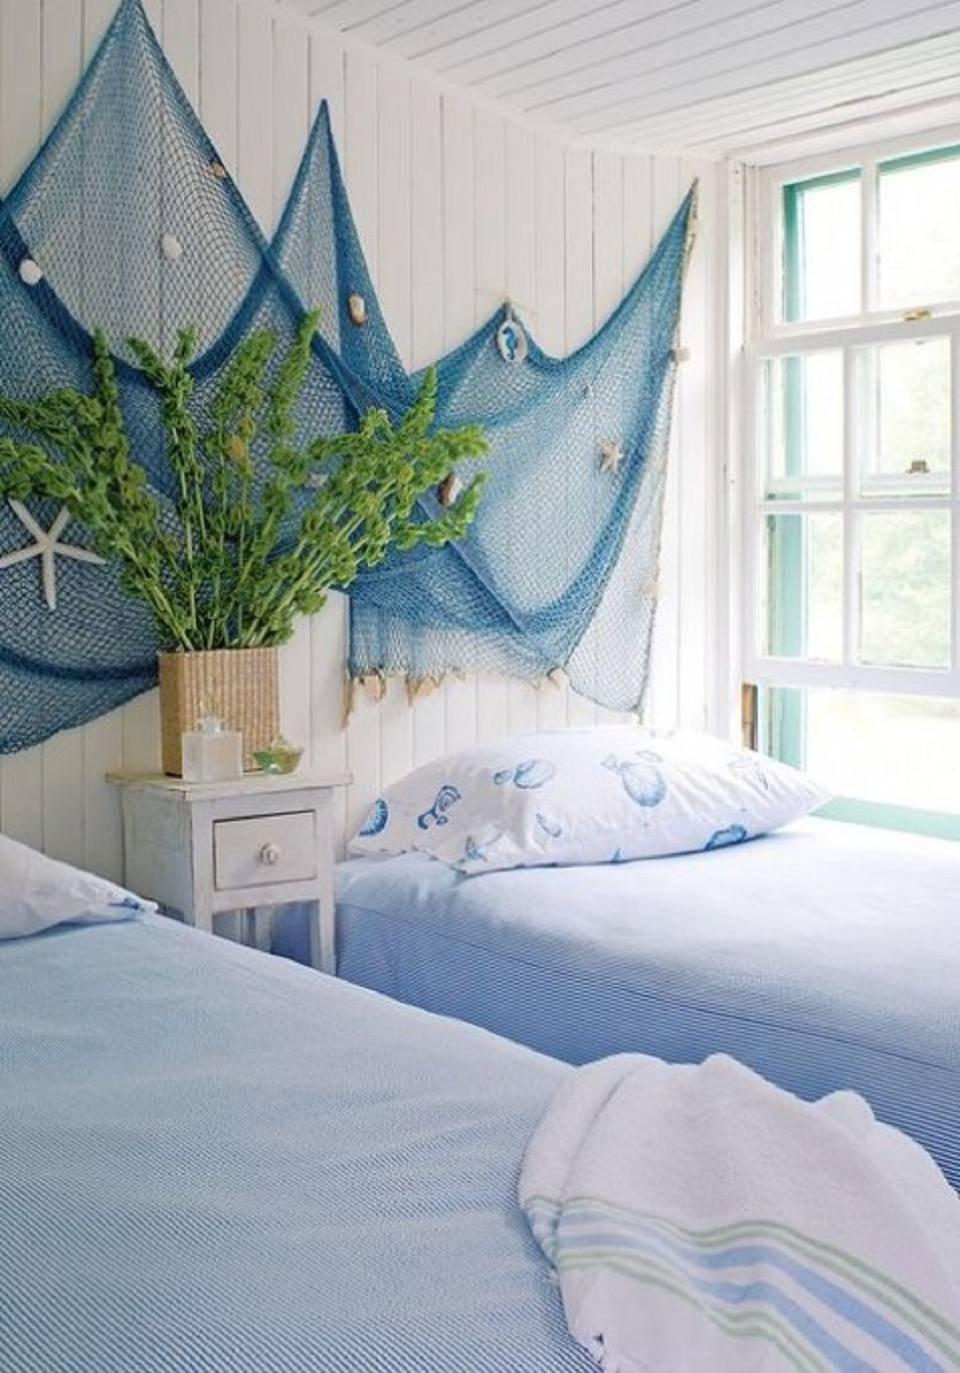 Beach theme Bedroom Decor New 50 Gorgeous Beach Bedroom Decor Ideas